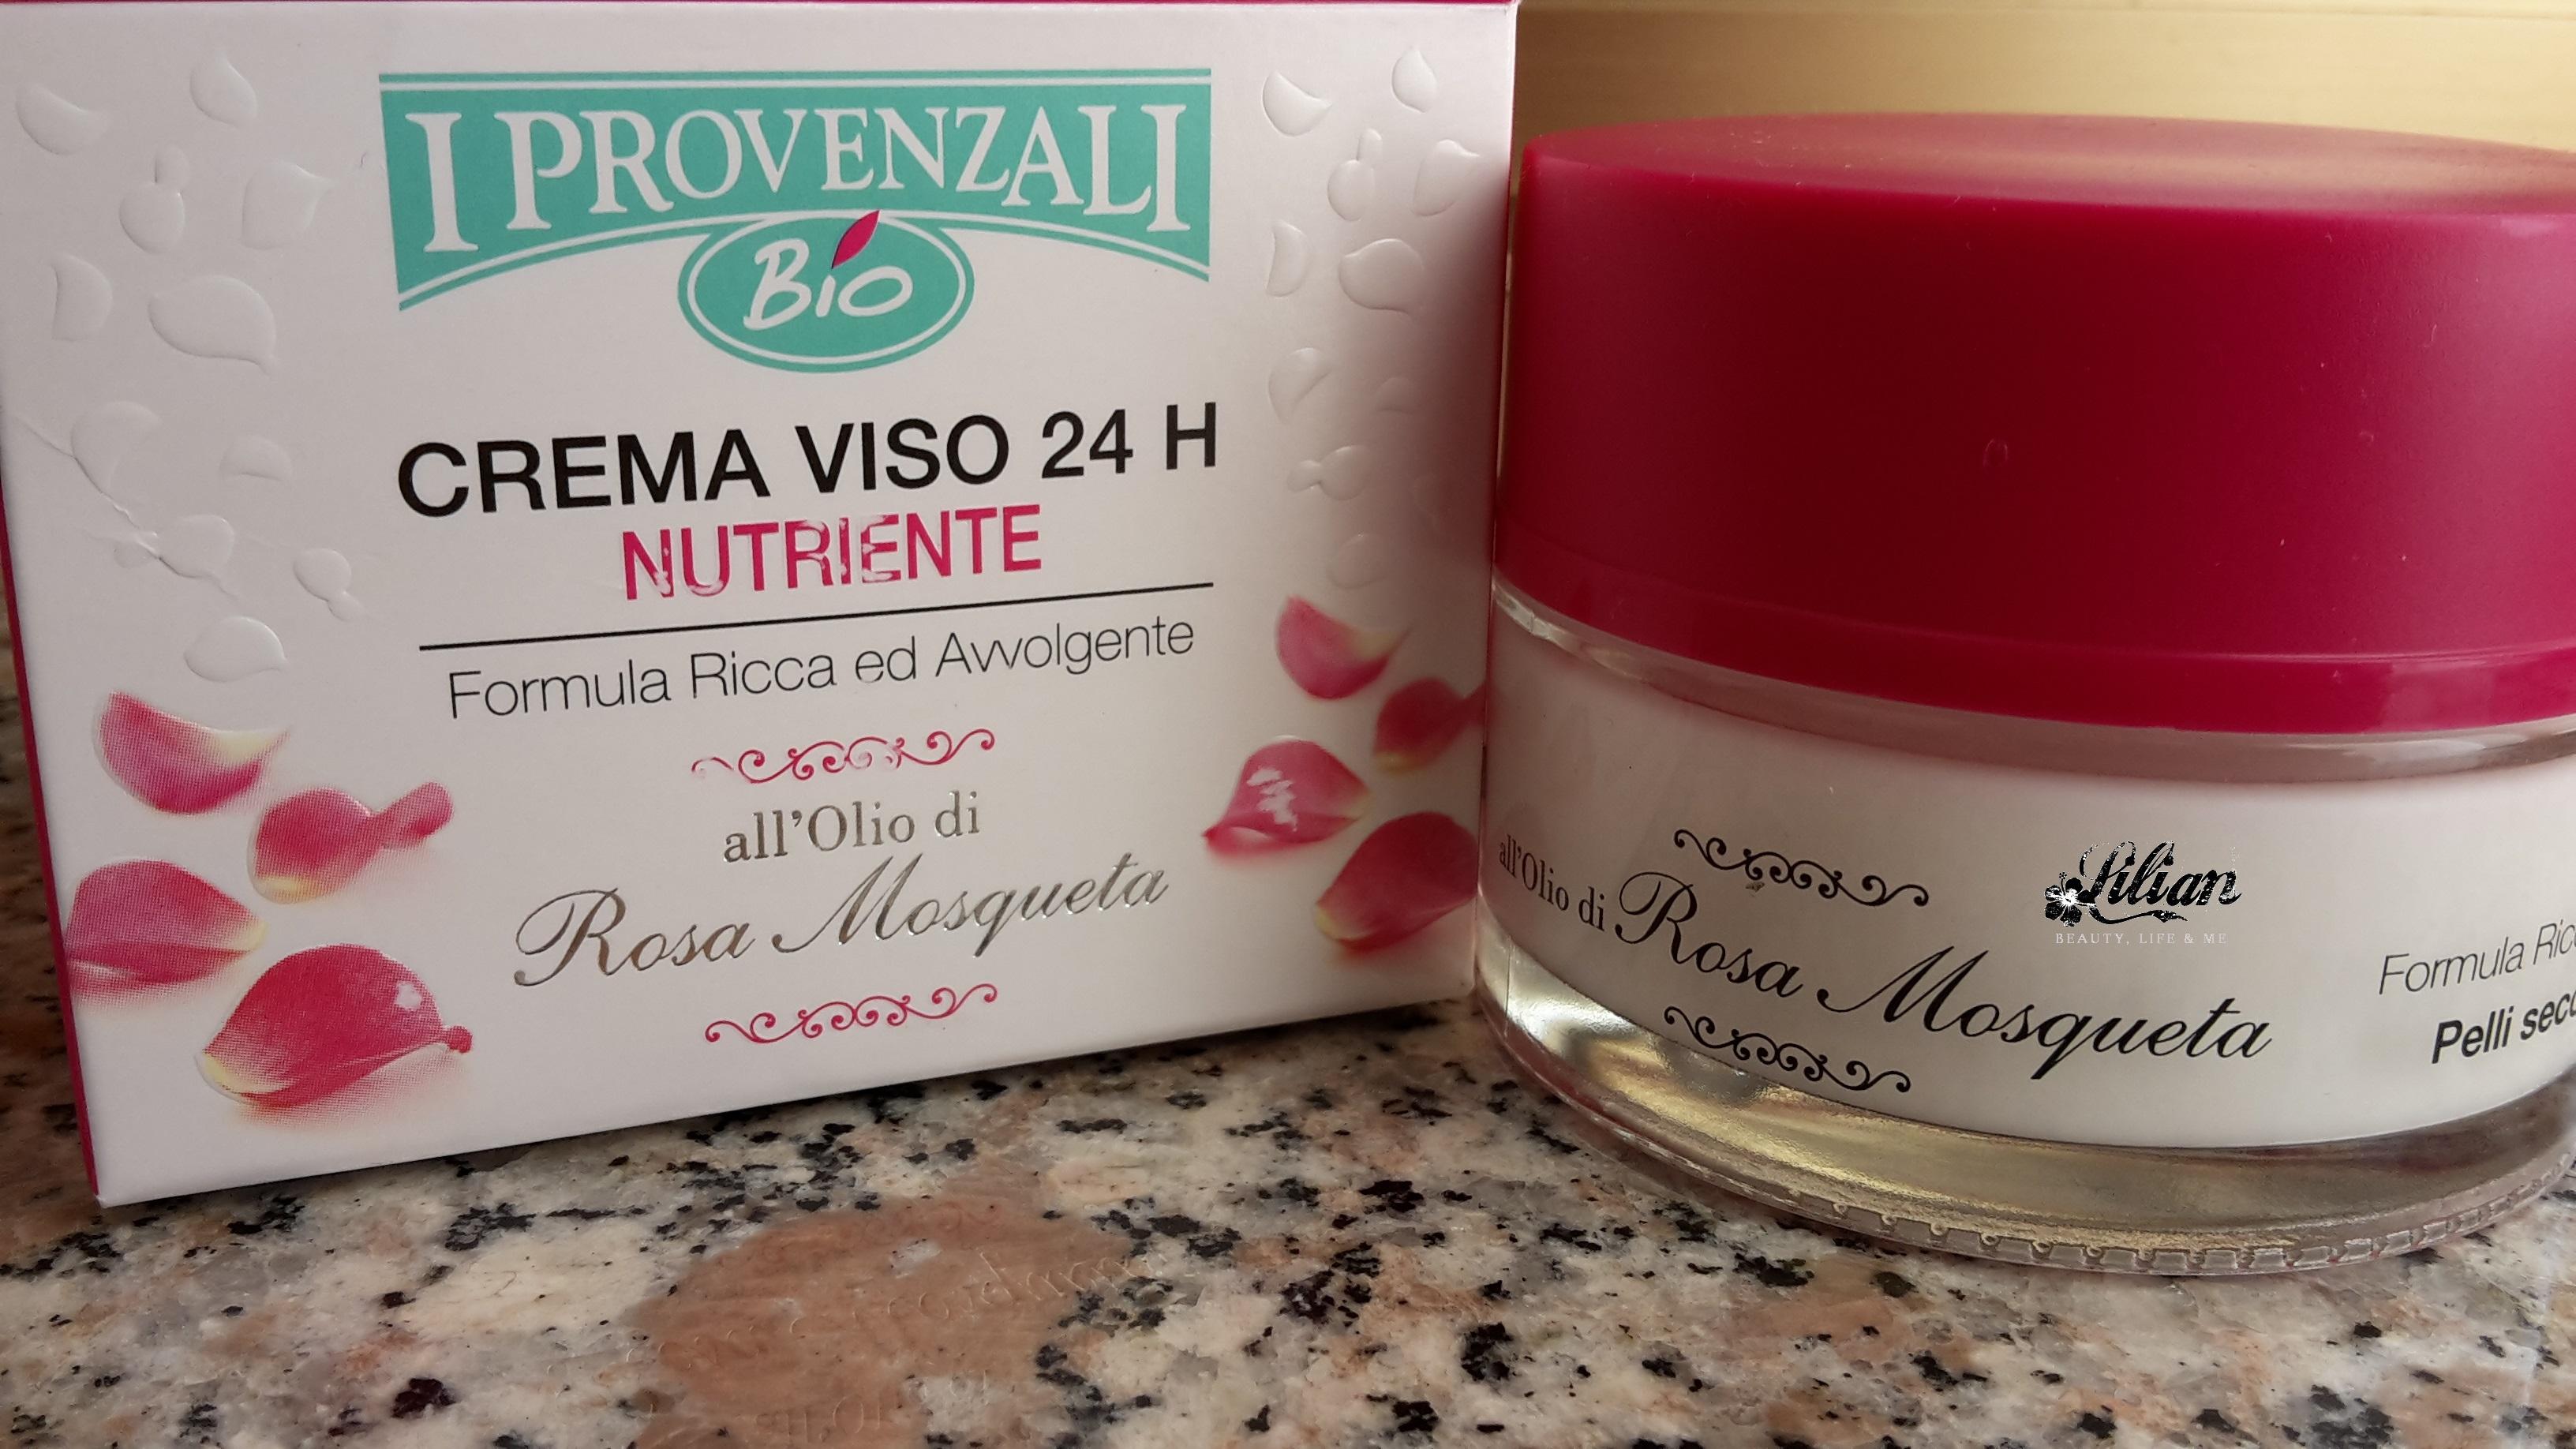 Crema viso nutriente all'olio di rosa Mosqueta de I Provenzali